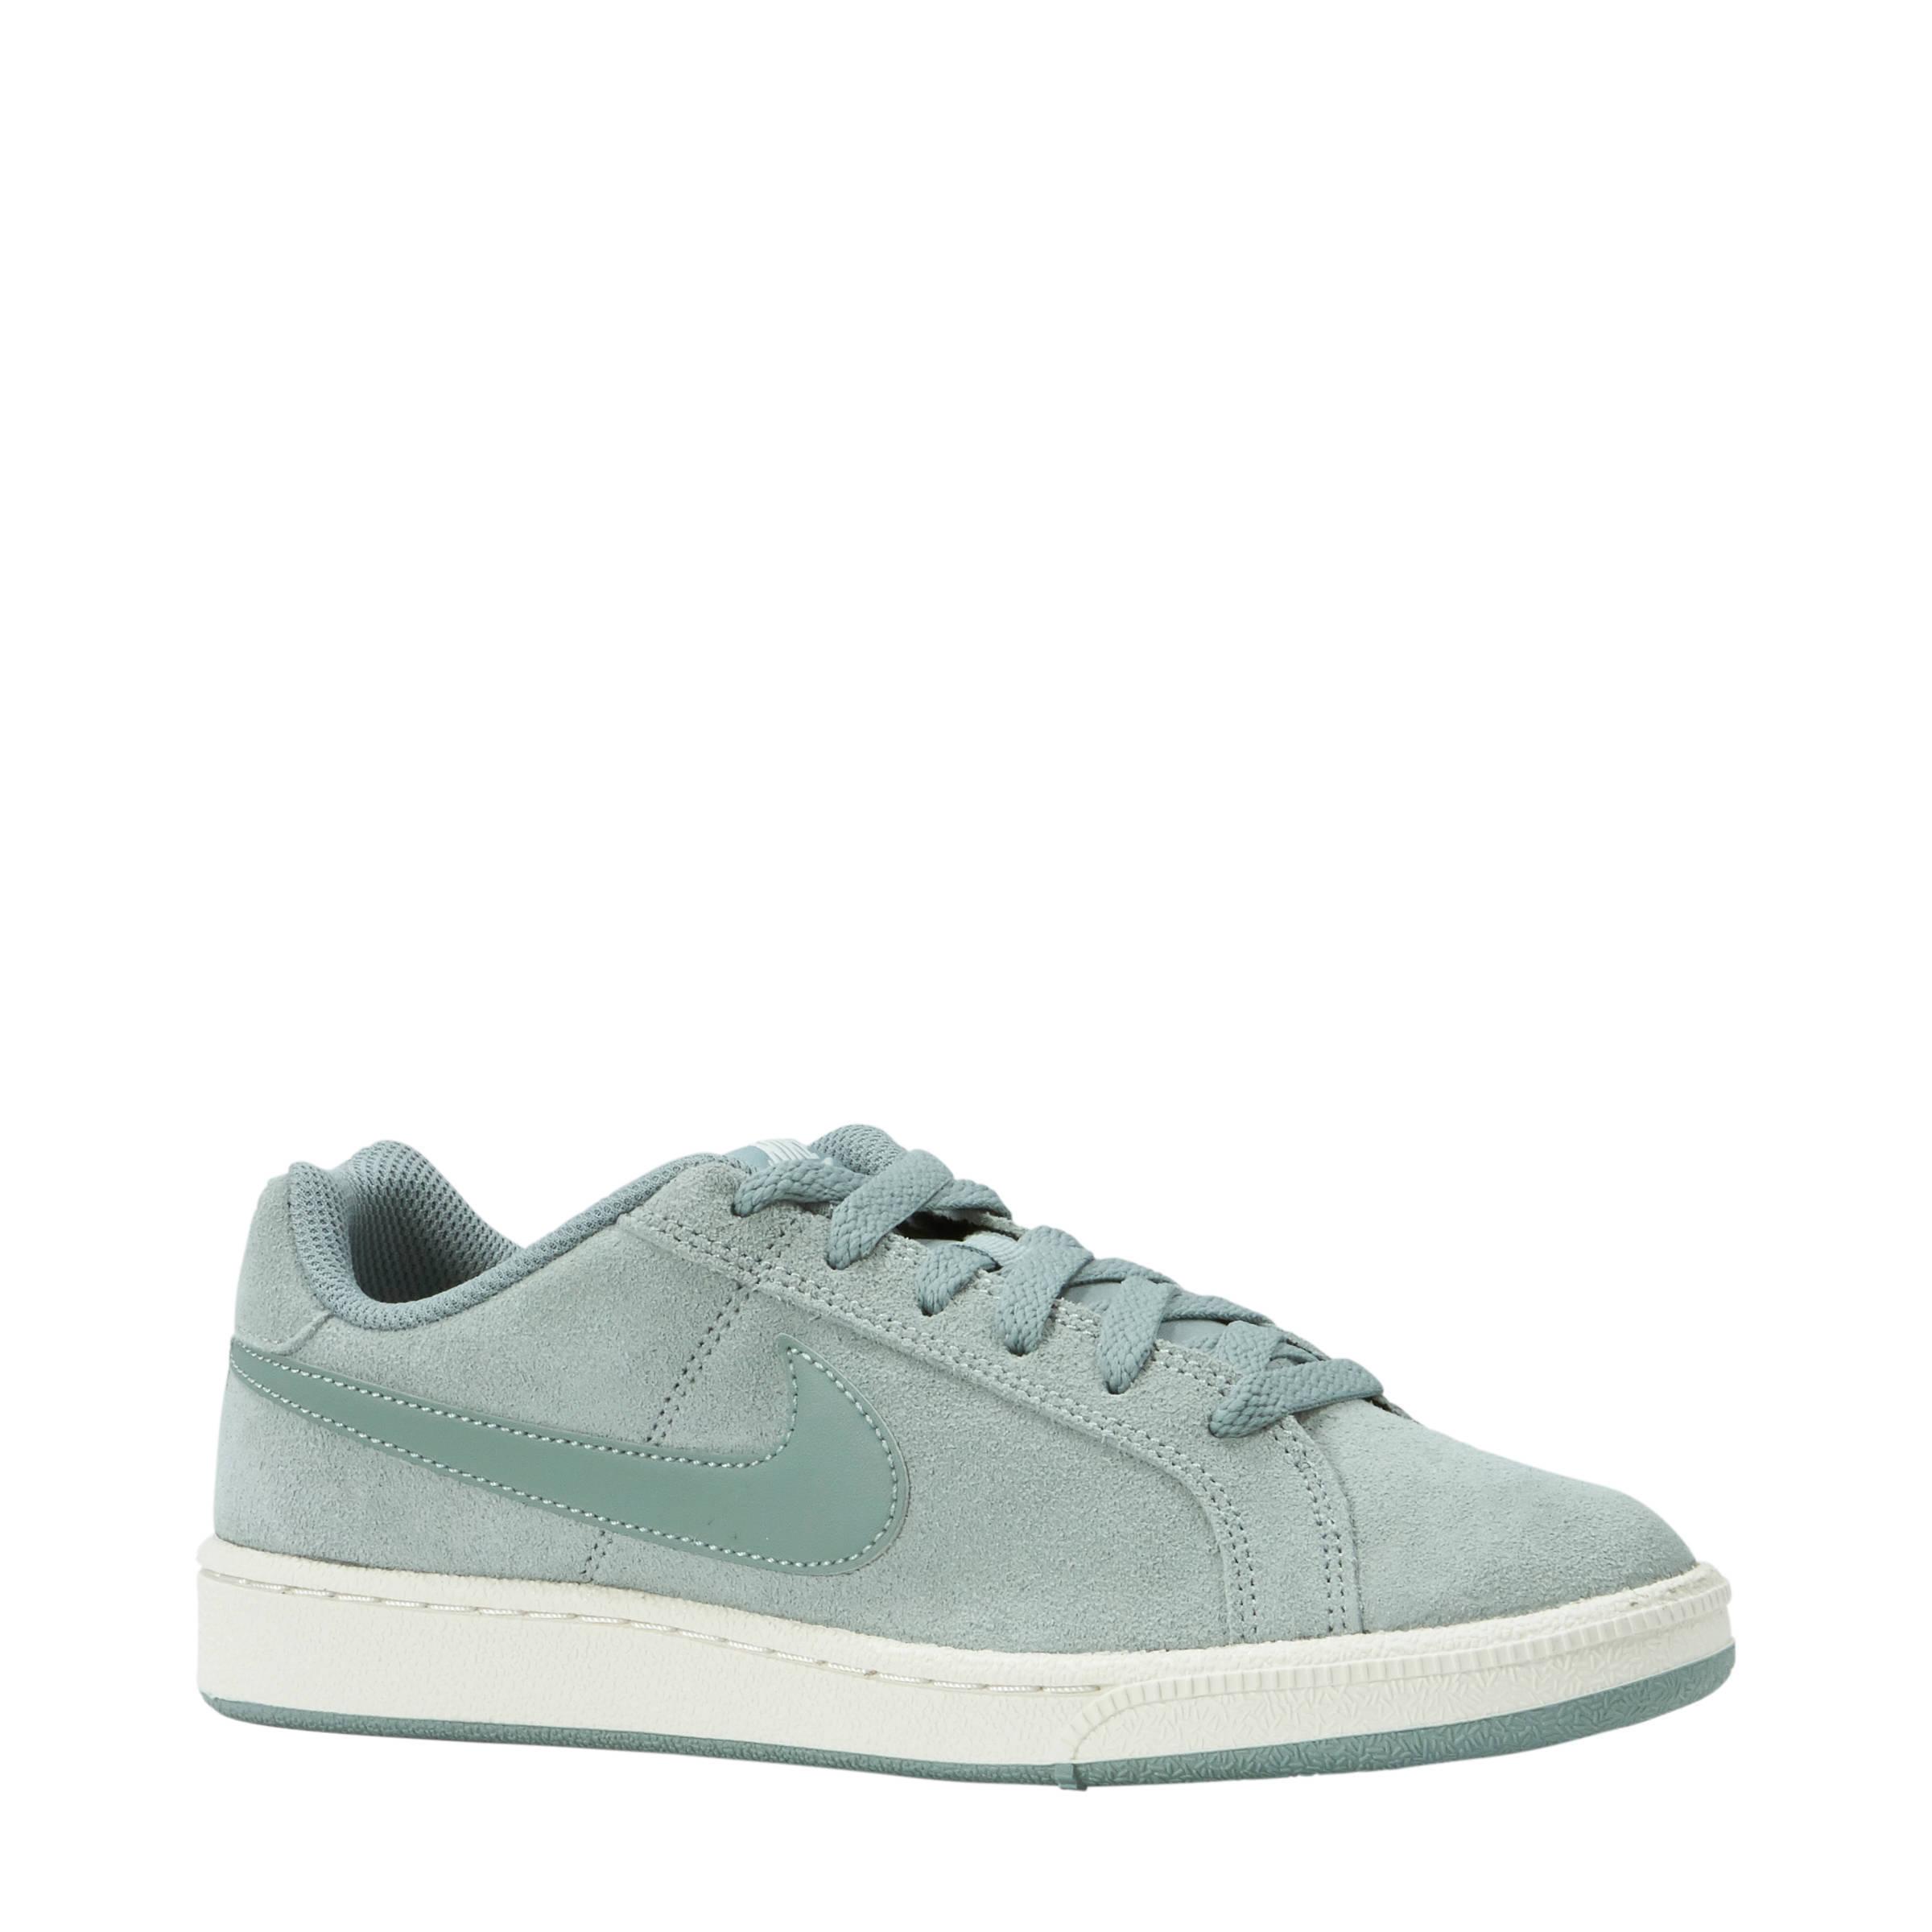 Nike Court Royale suède sneakers mintgroen | wehkamp